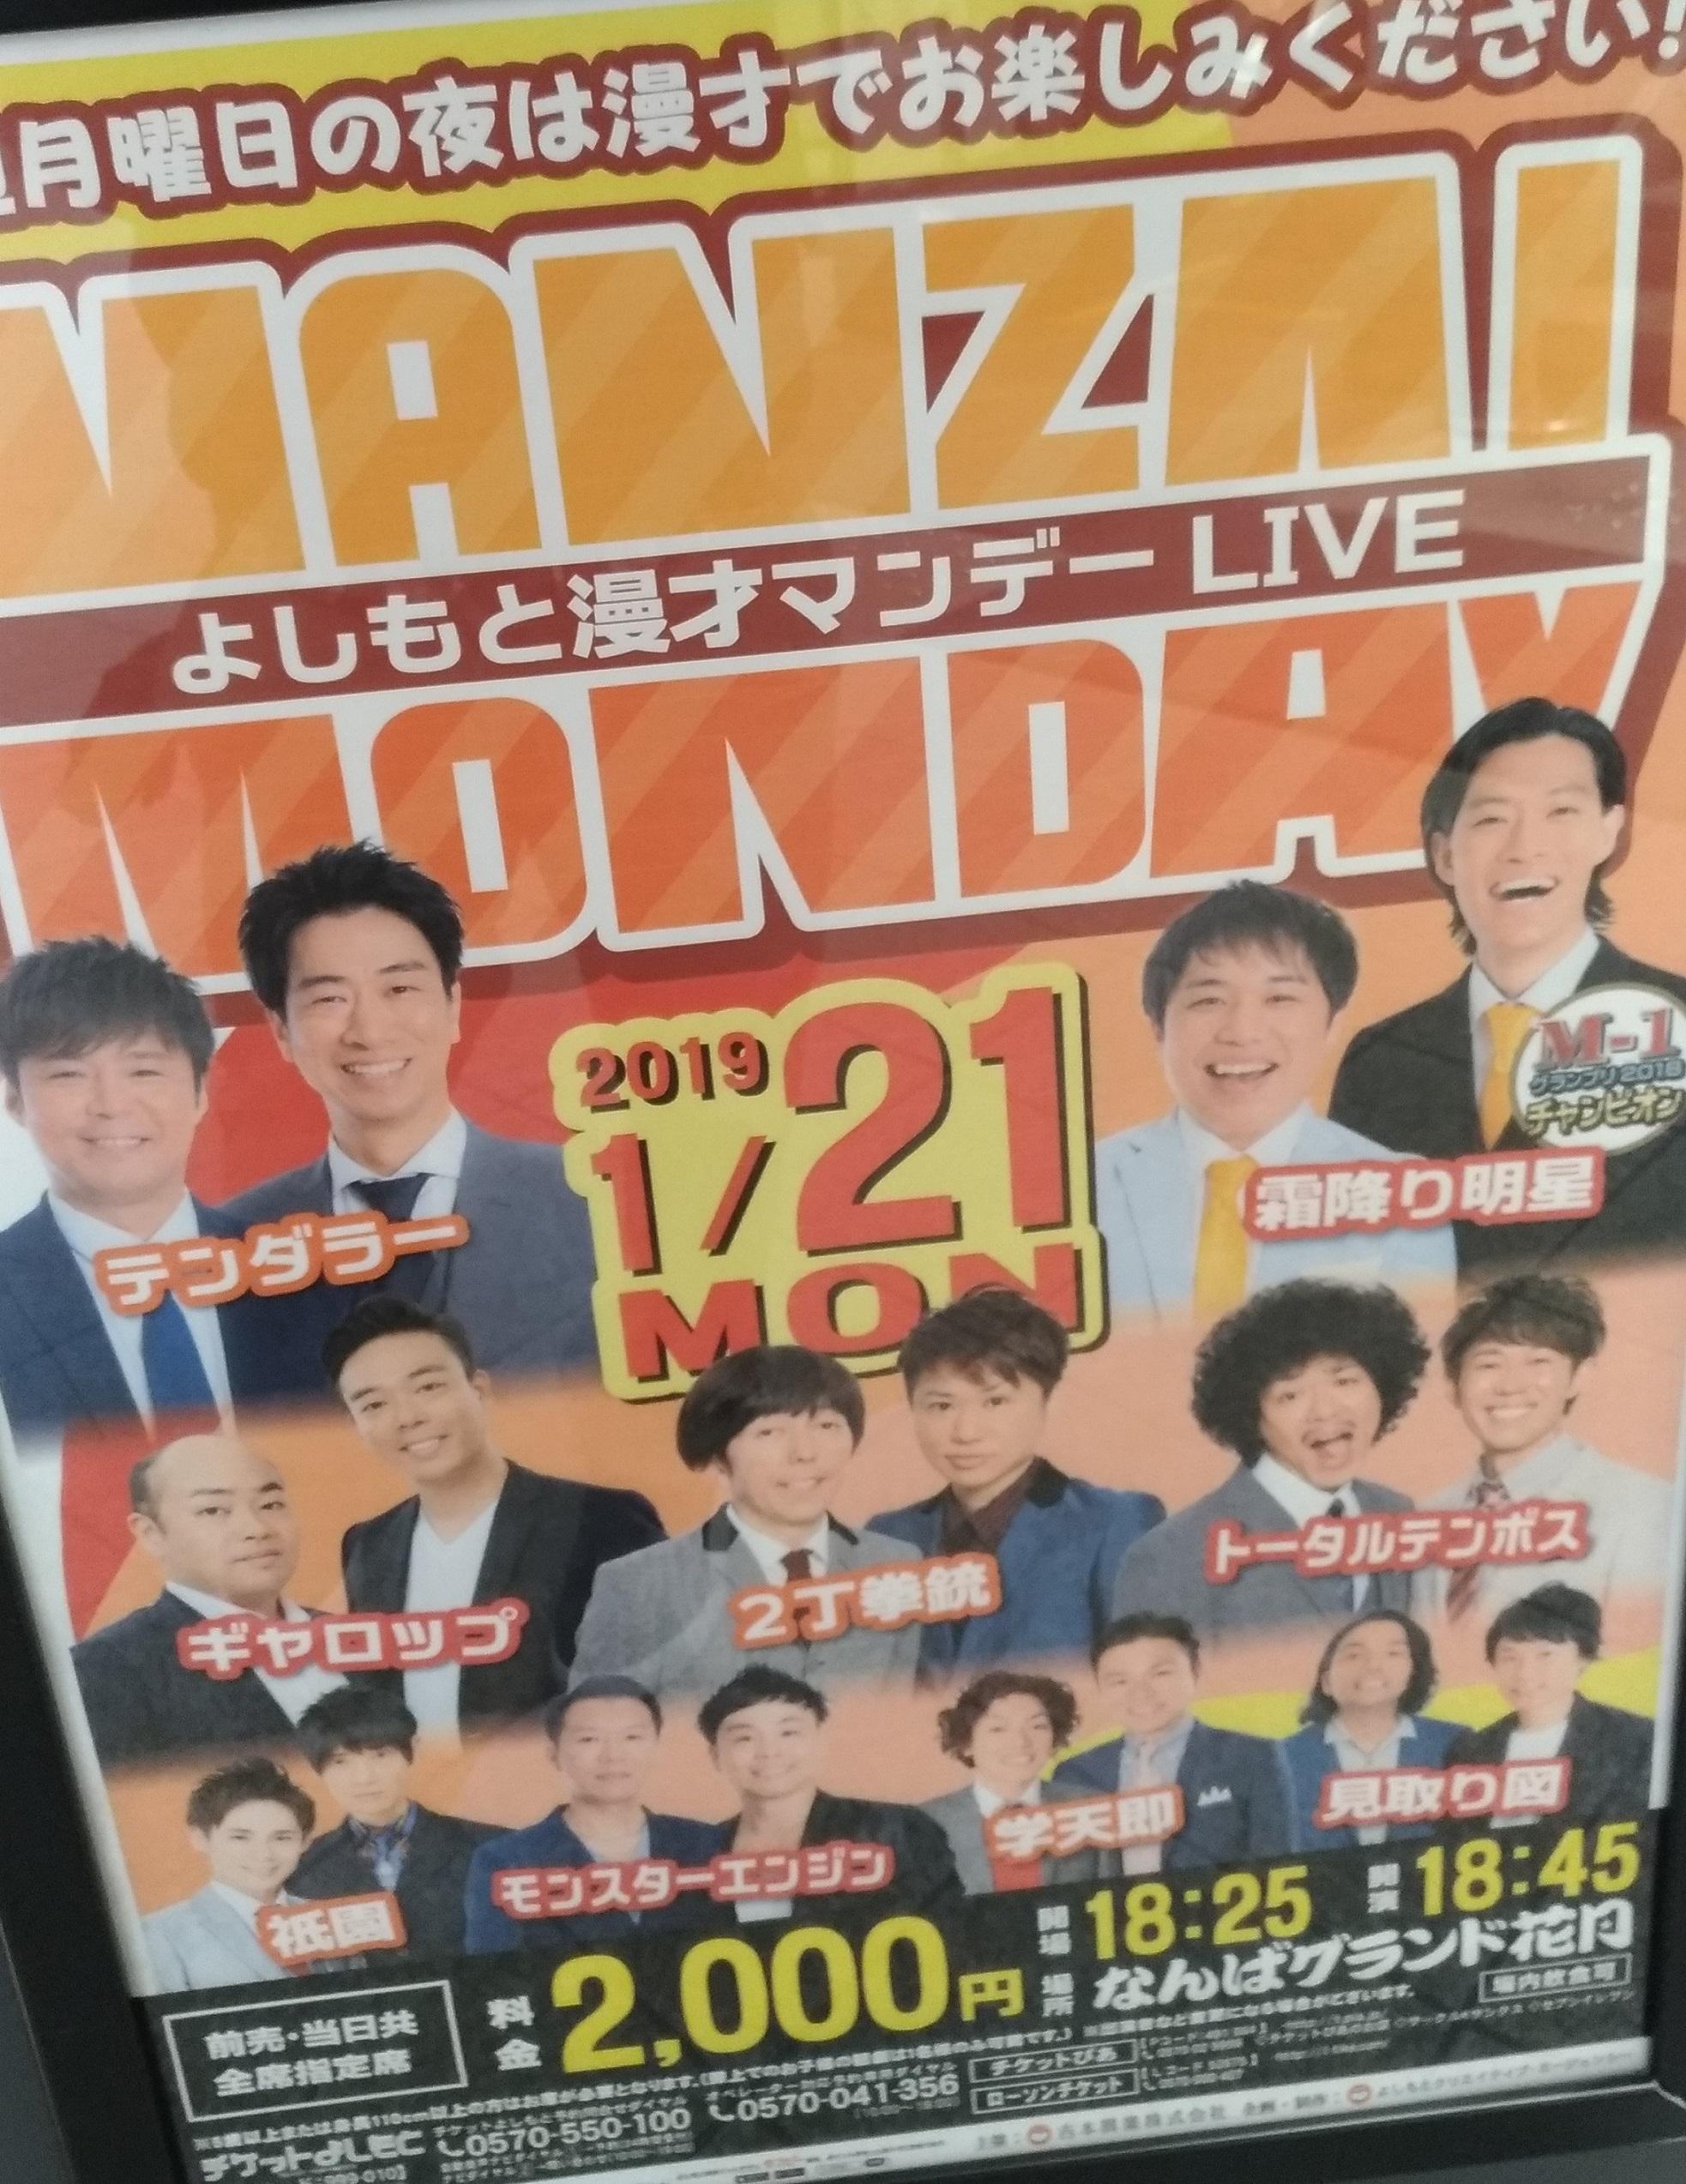 osaka_owarai_manzai.jpg